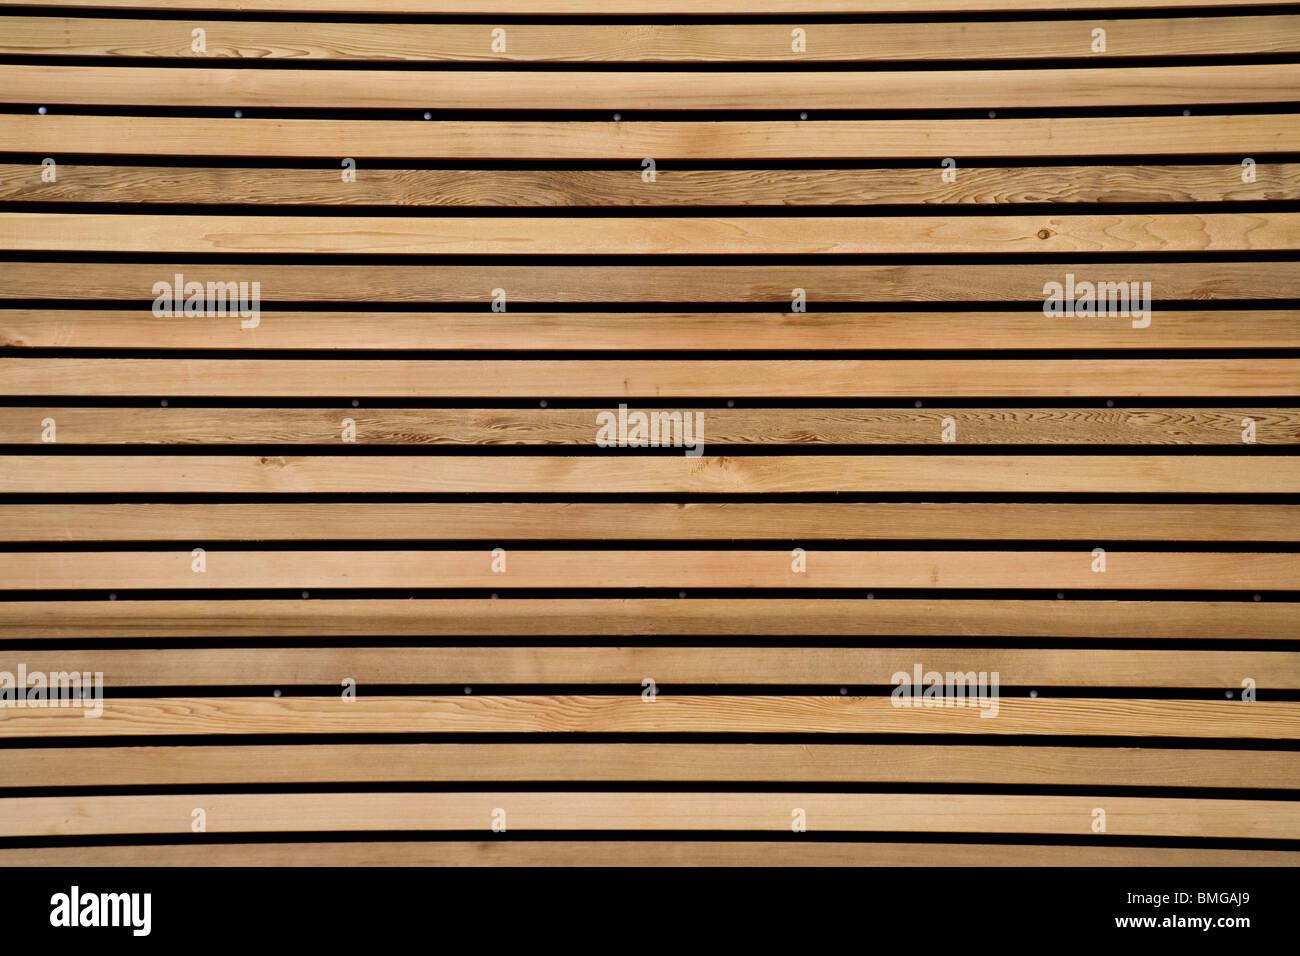 Holzmuster für Hintergrund hautnah Stockbild